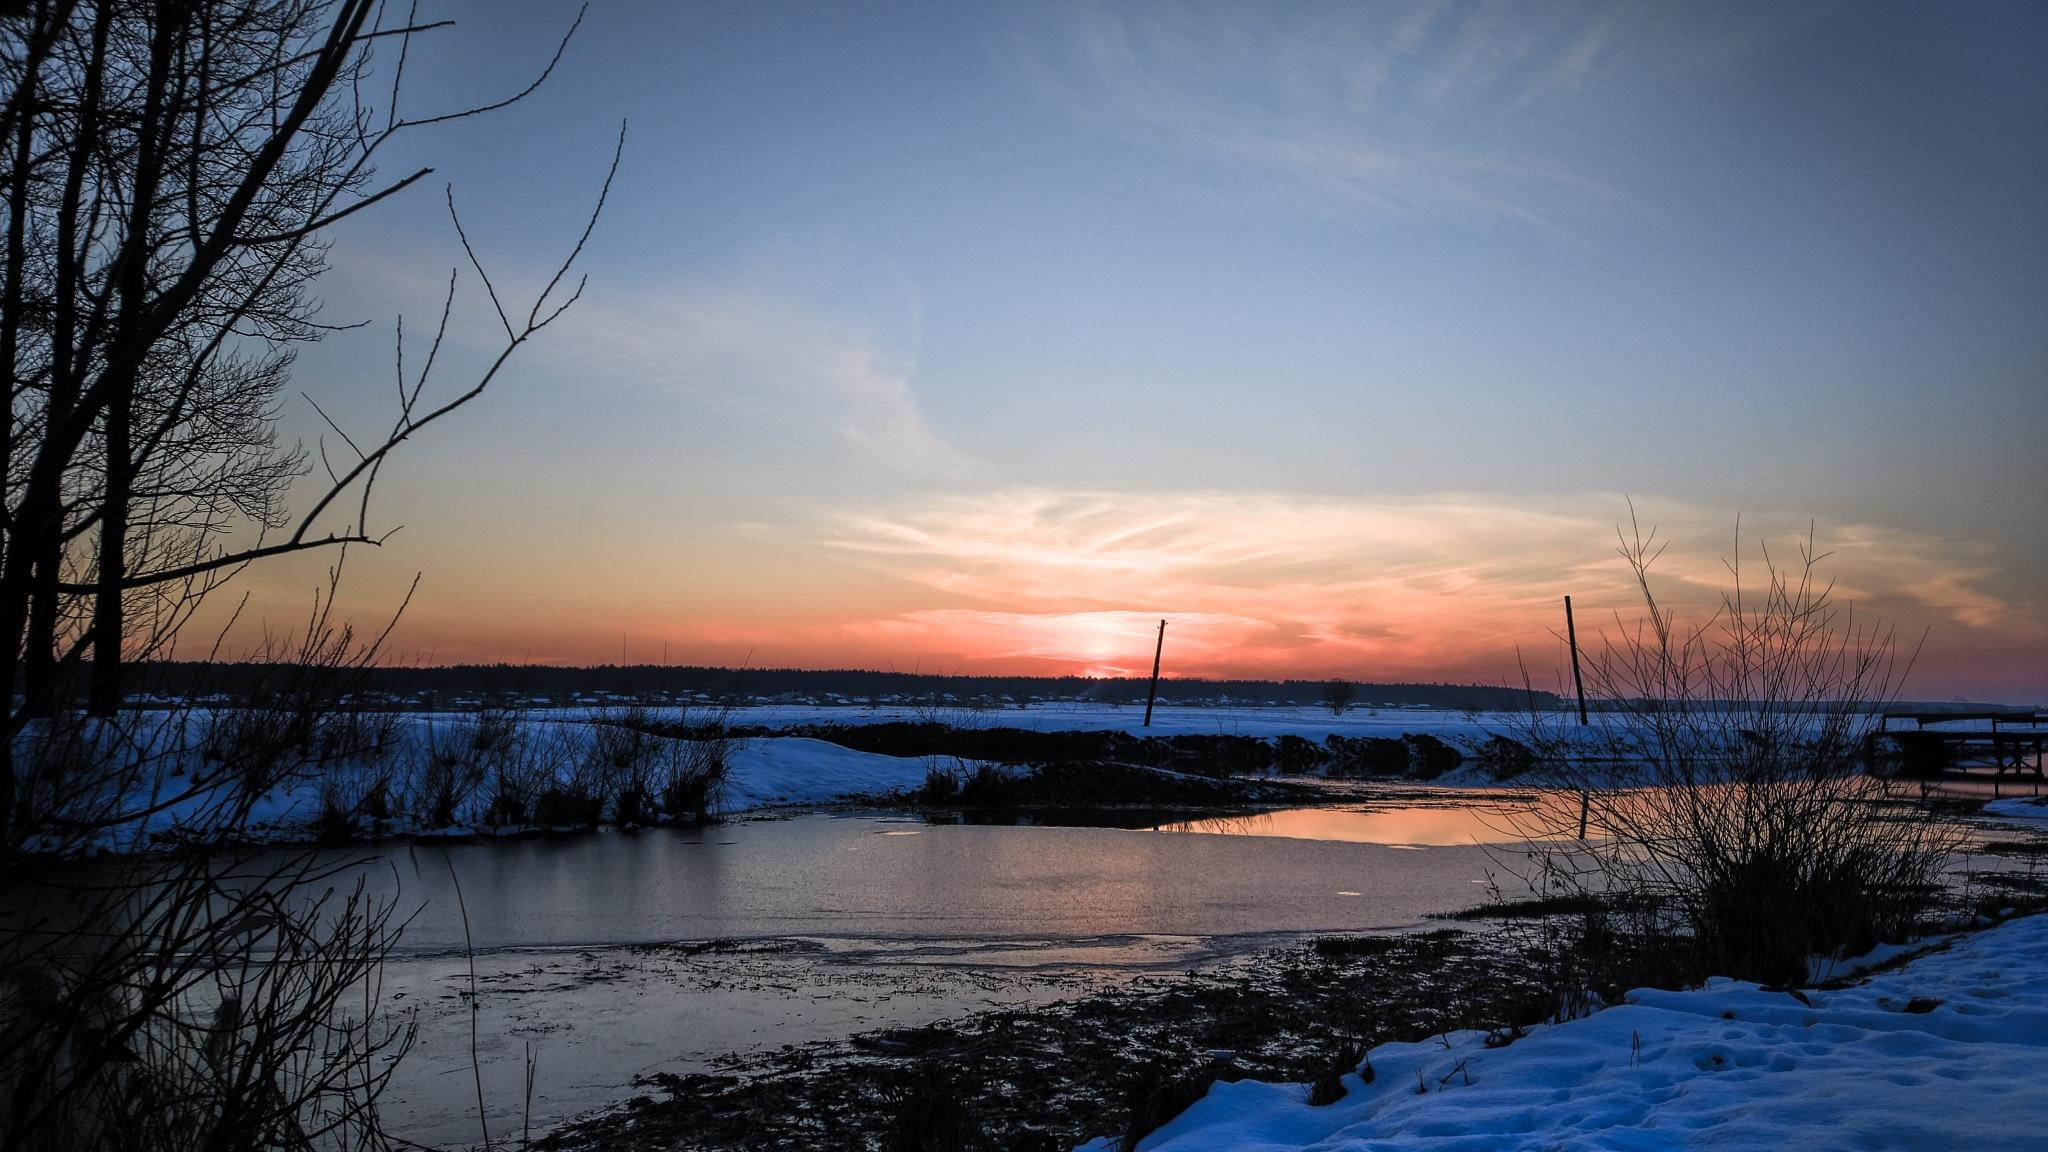 Sunset by Andriy_Kasyanchuk